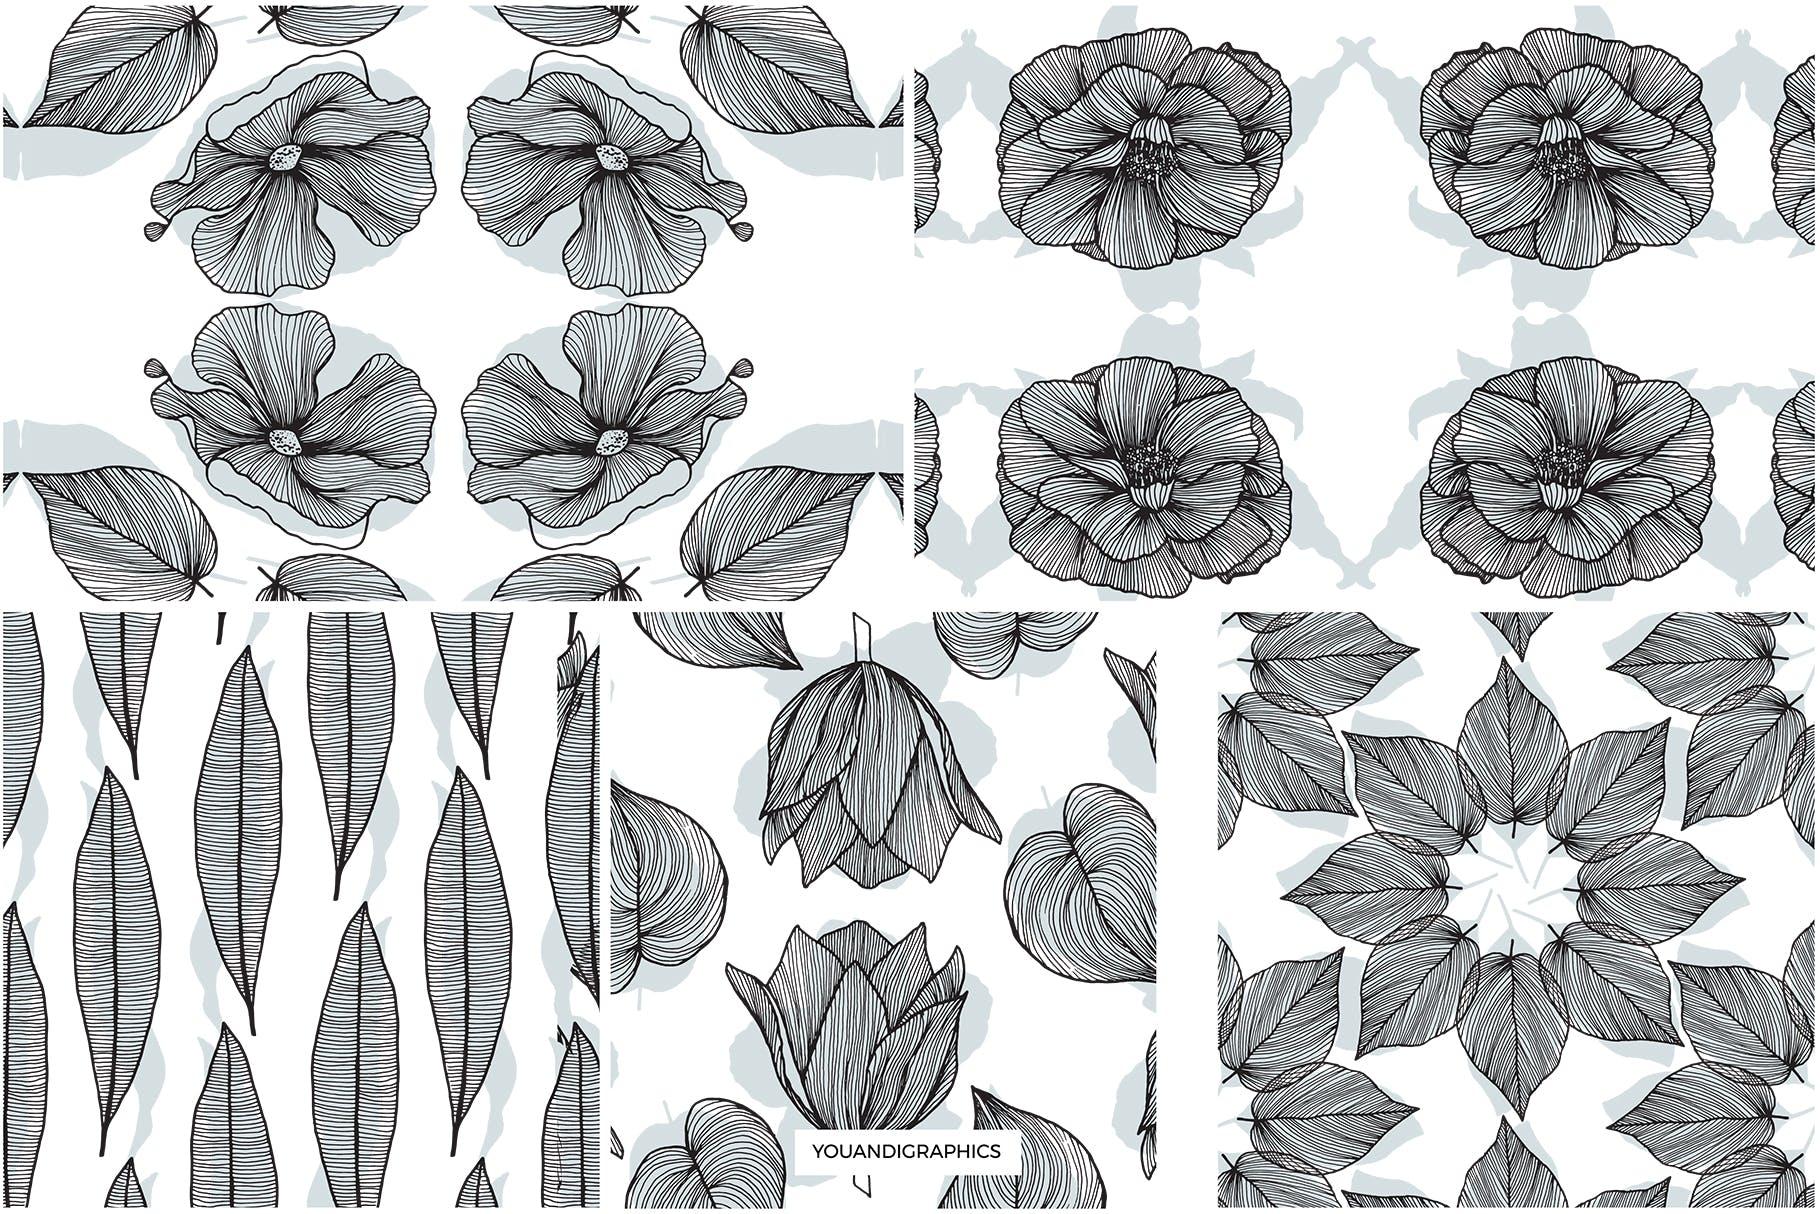 线条艺术花卉矢量图案元素Lineart Floral Patterns Elements插图(13)